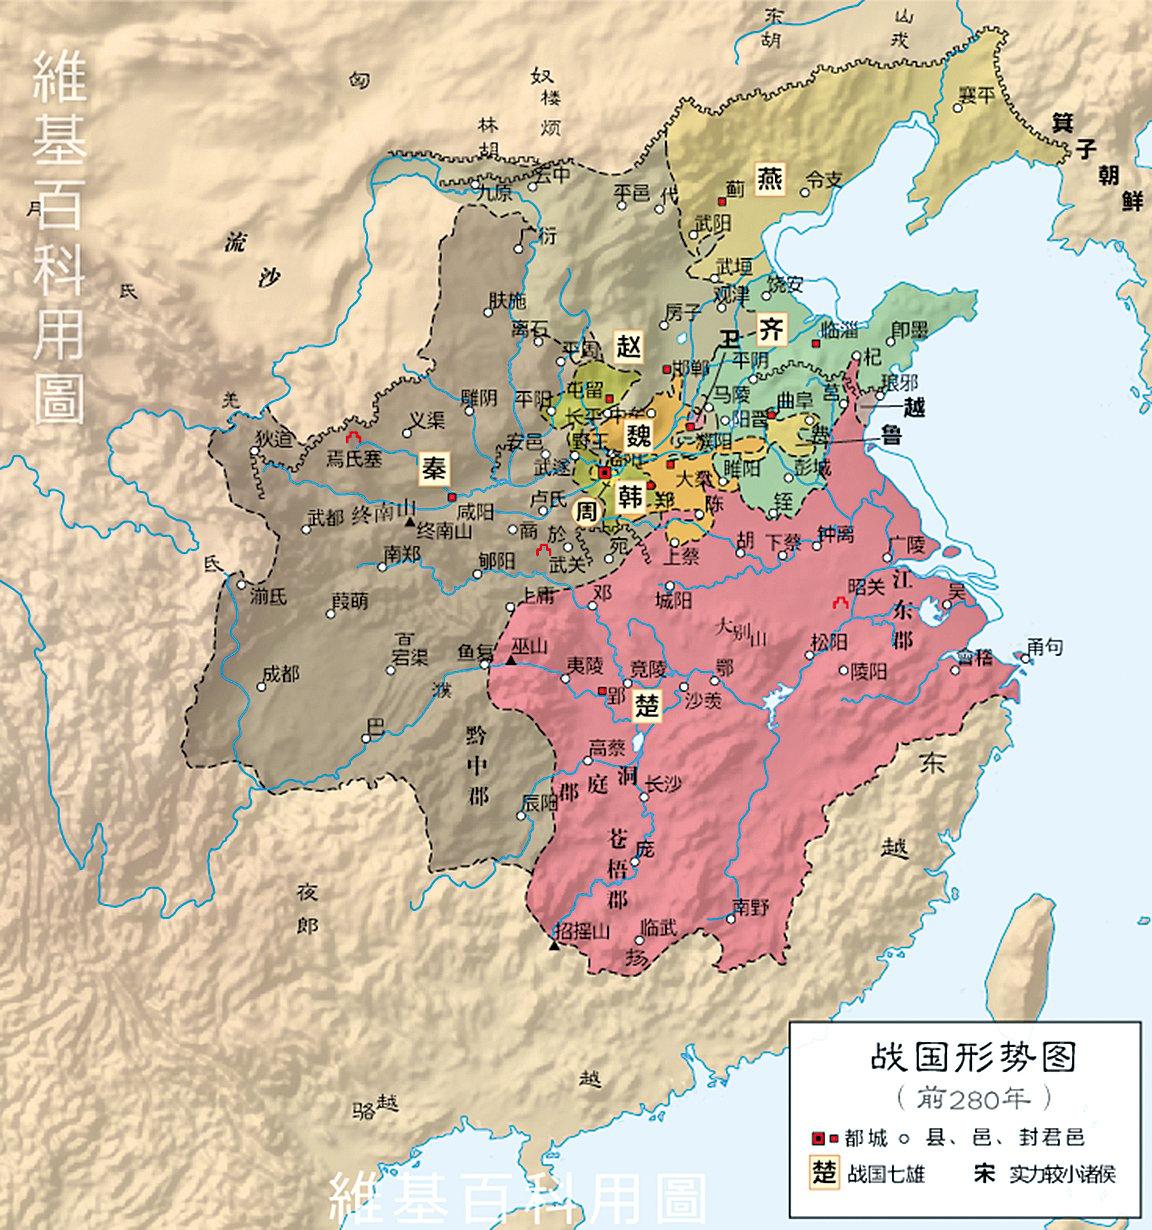 西元前二八零年戰國形勢圖,趙國周圍地區強國林立(玖巧仔/Wikimedia Commons)